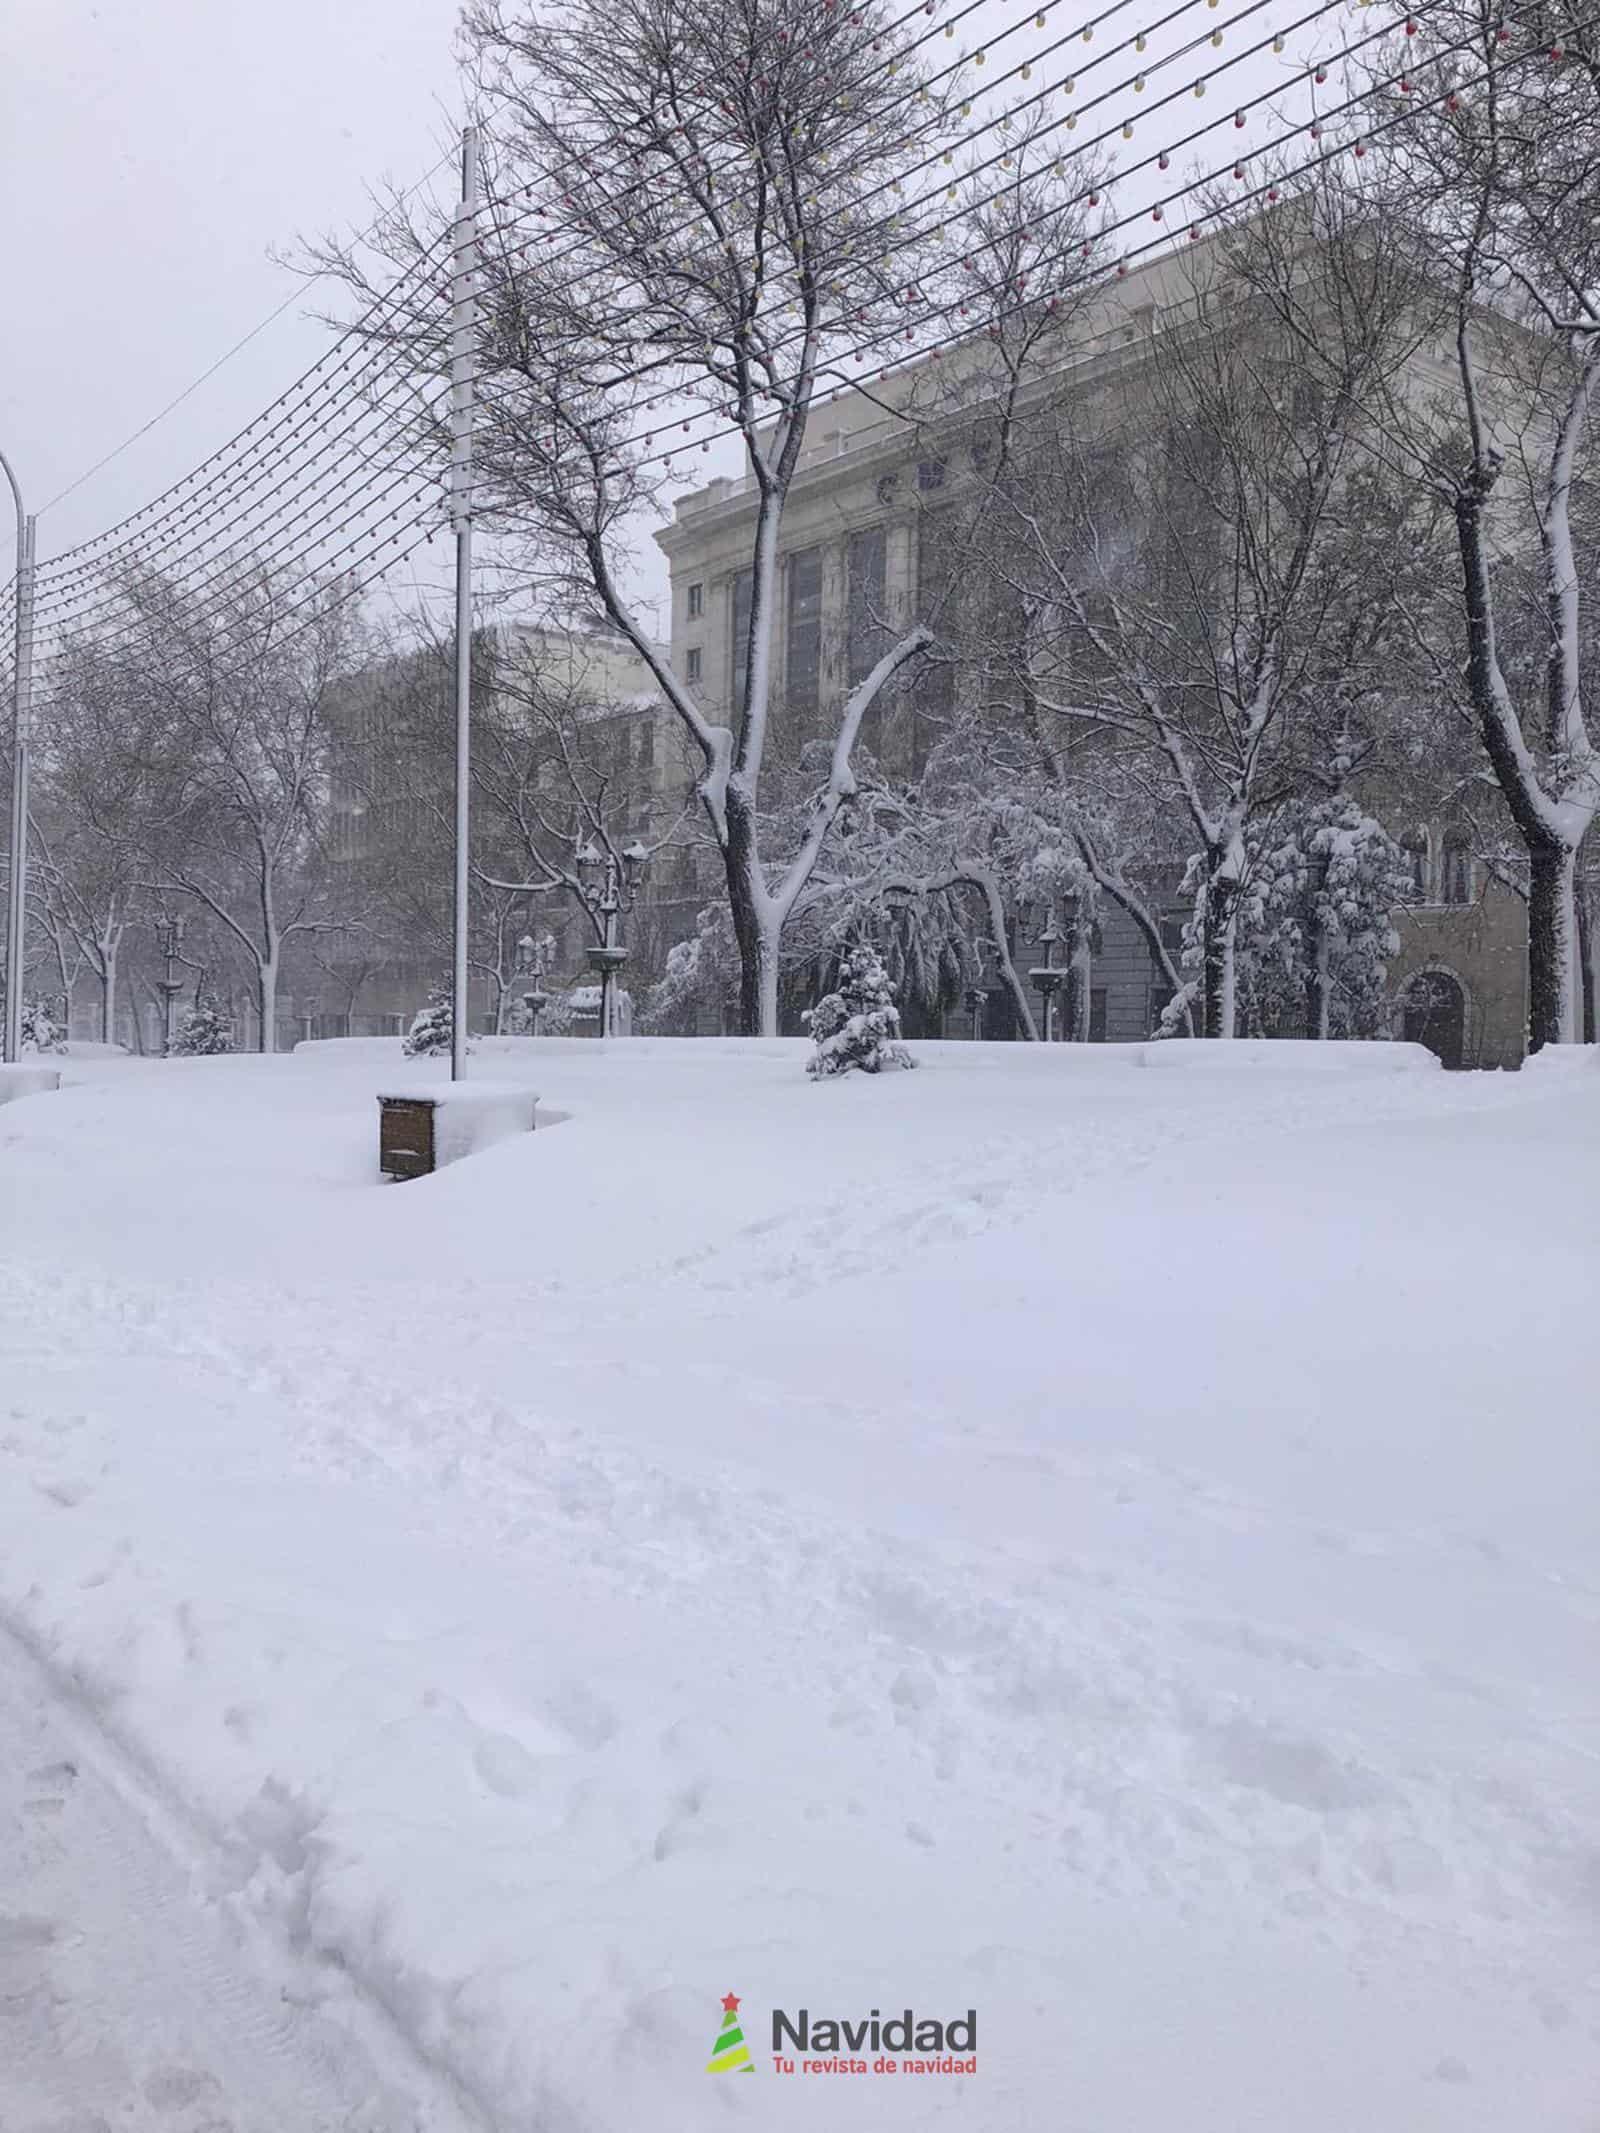 Fotografías de la nevada de enero en Madrid (España) 81